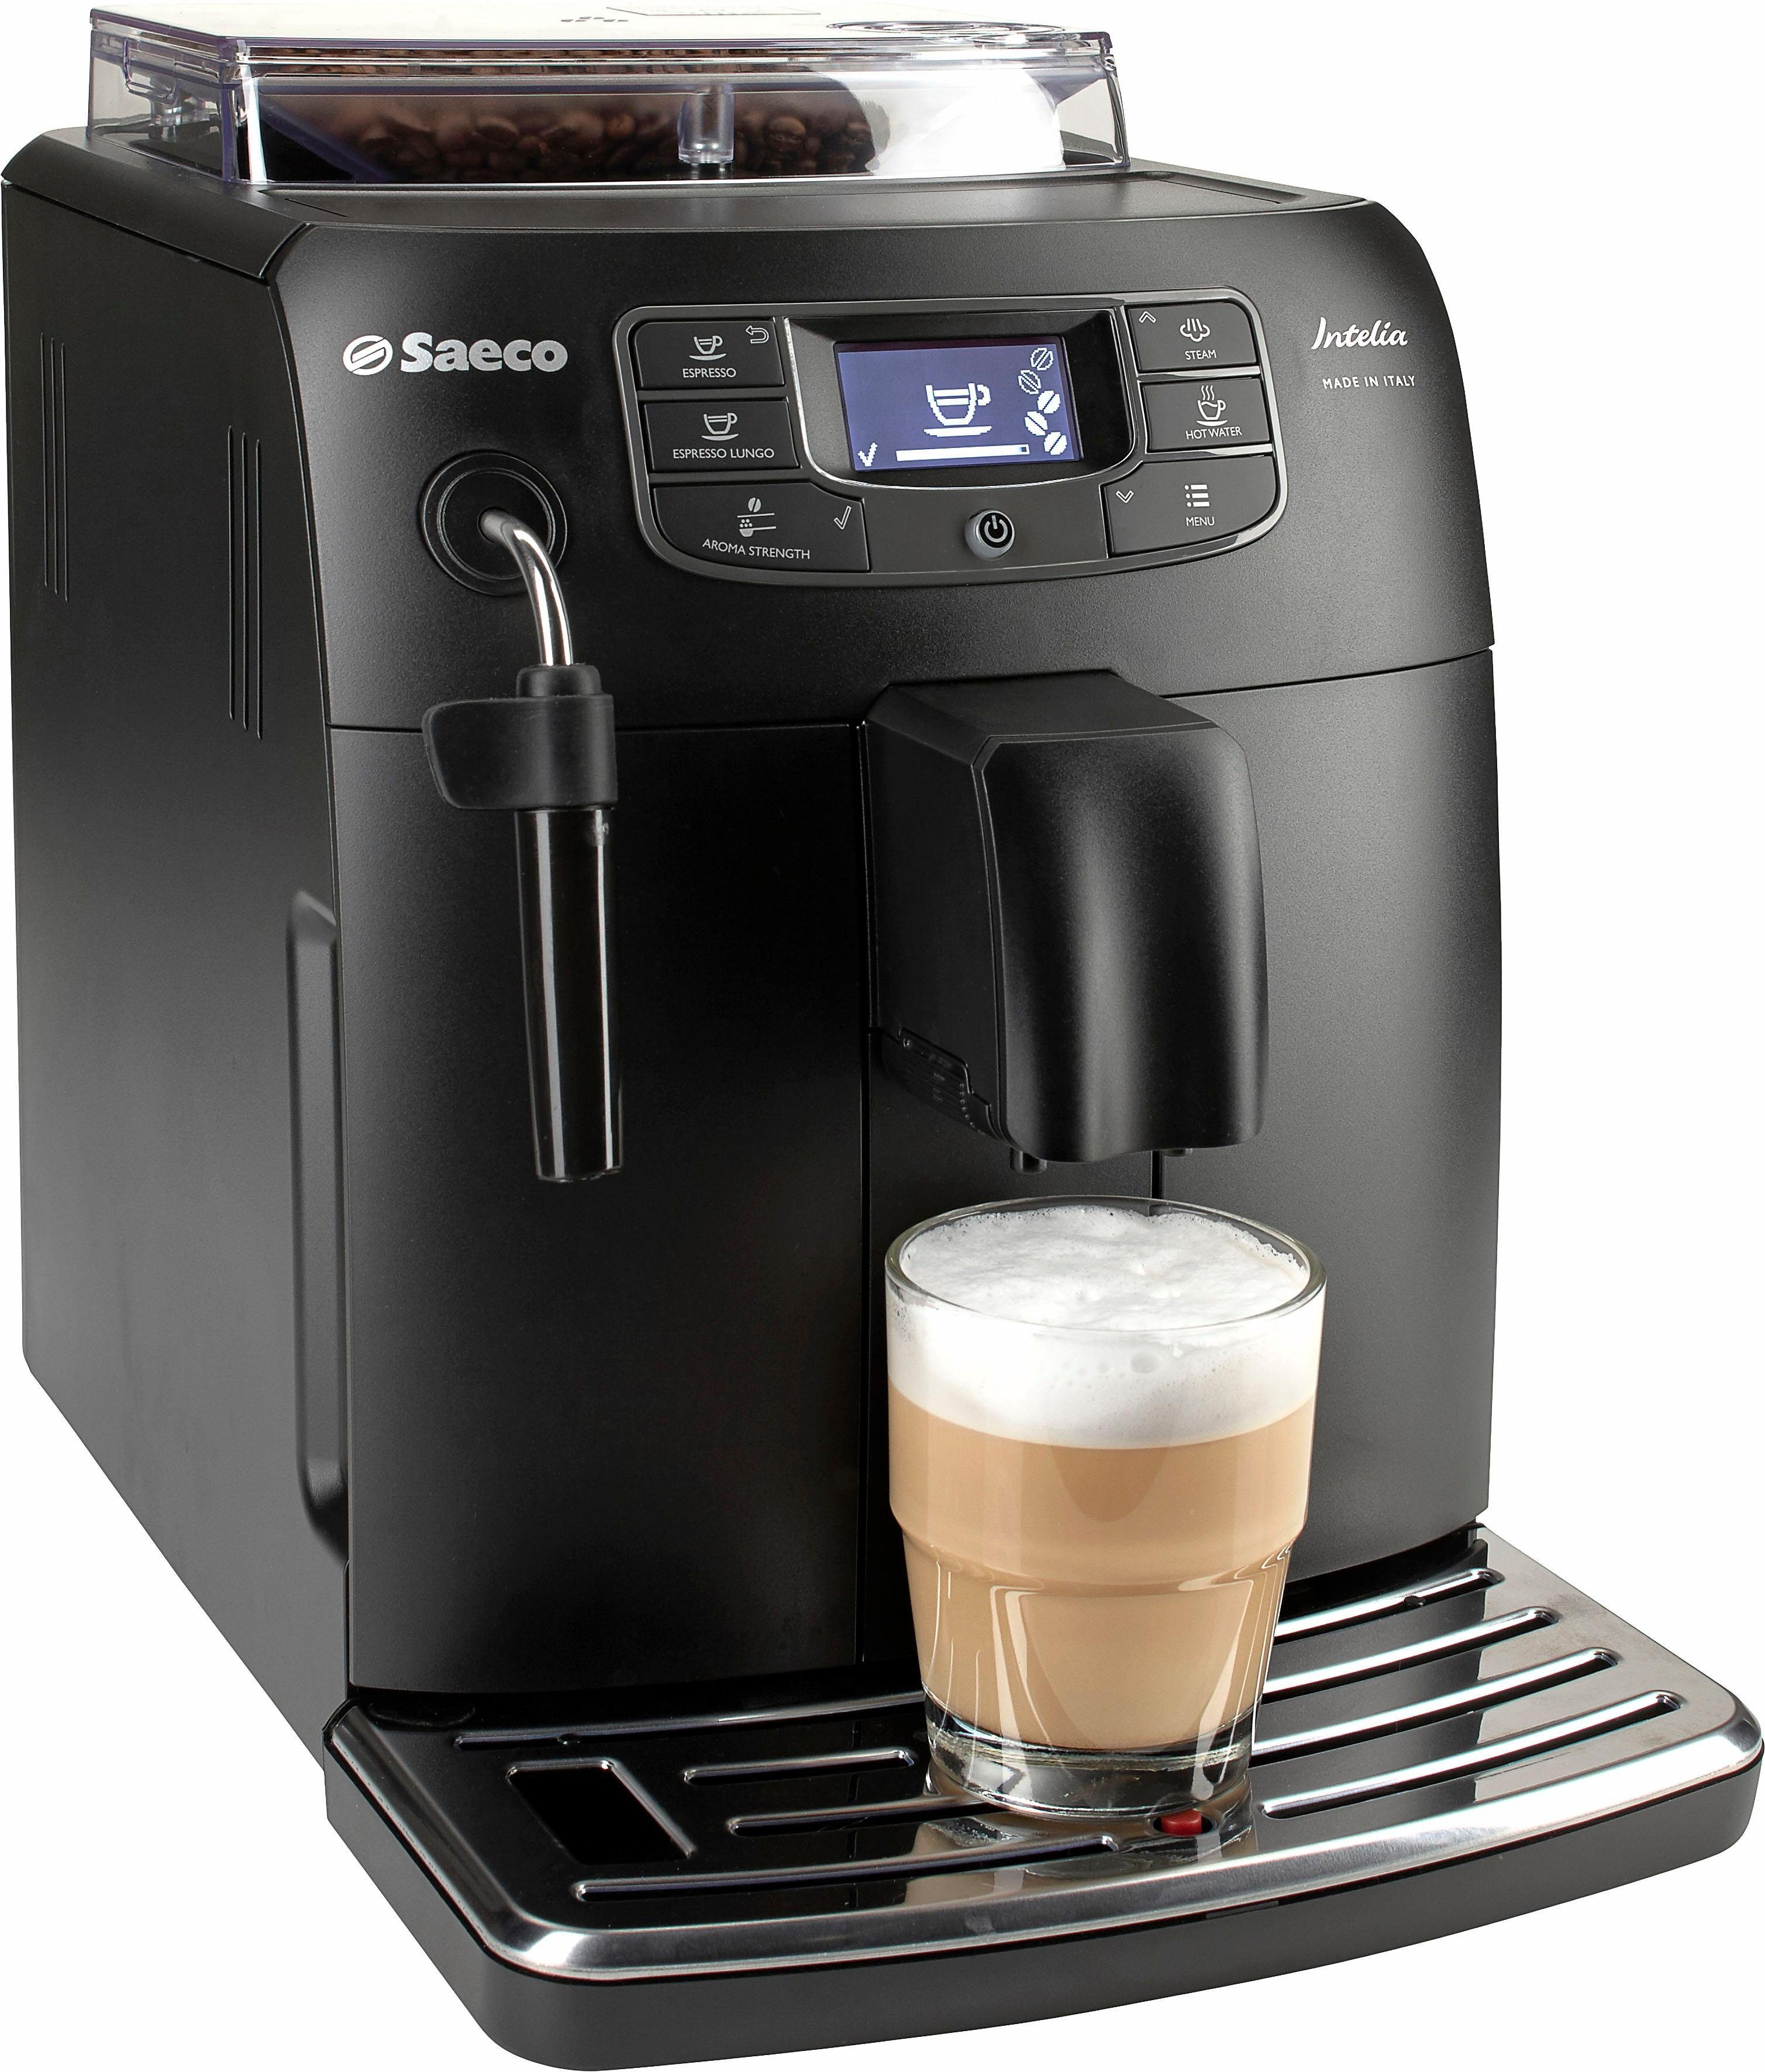 Saeco Kaffeevollautomat HD8900/01 Intelia Deluxe, Scheibenmahlwerk, mit Durchlauferhitzer